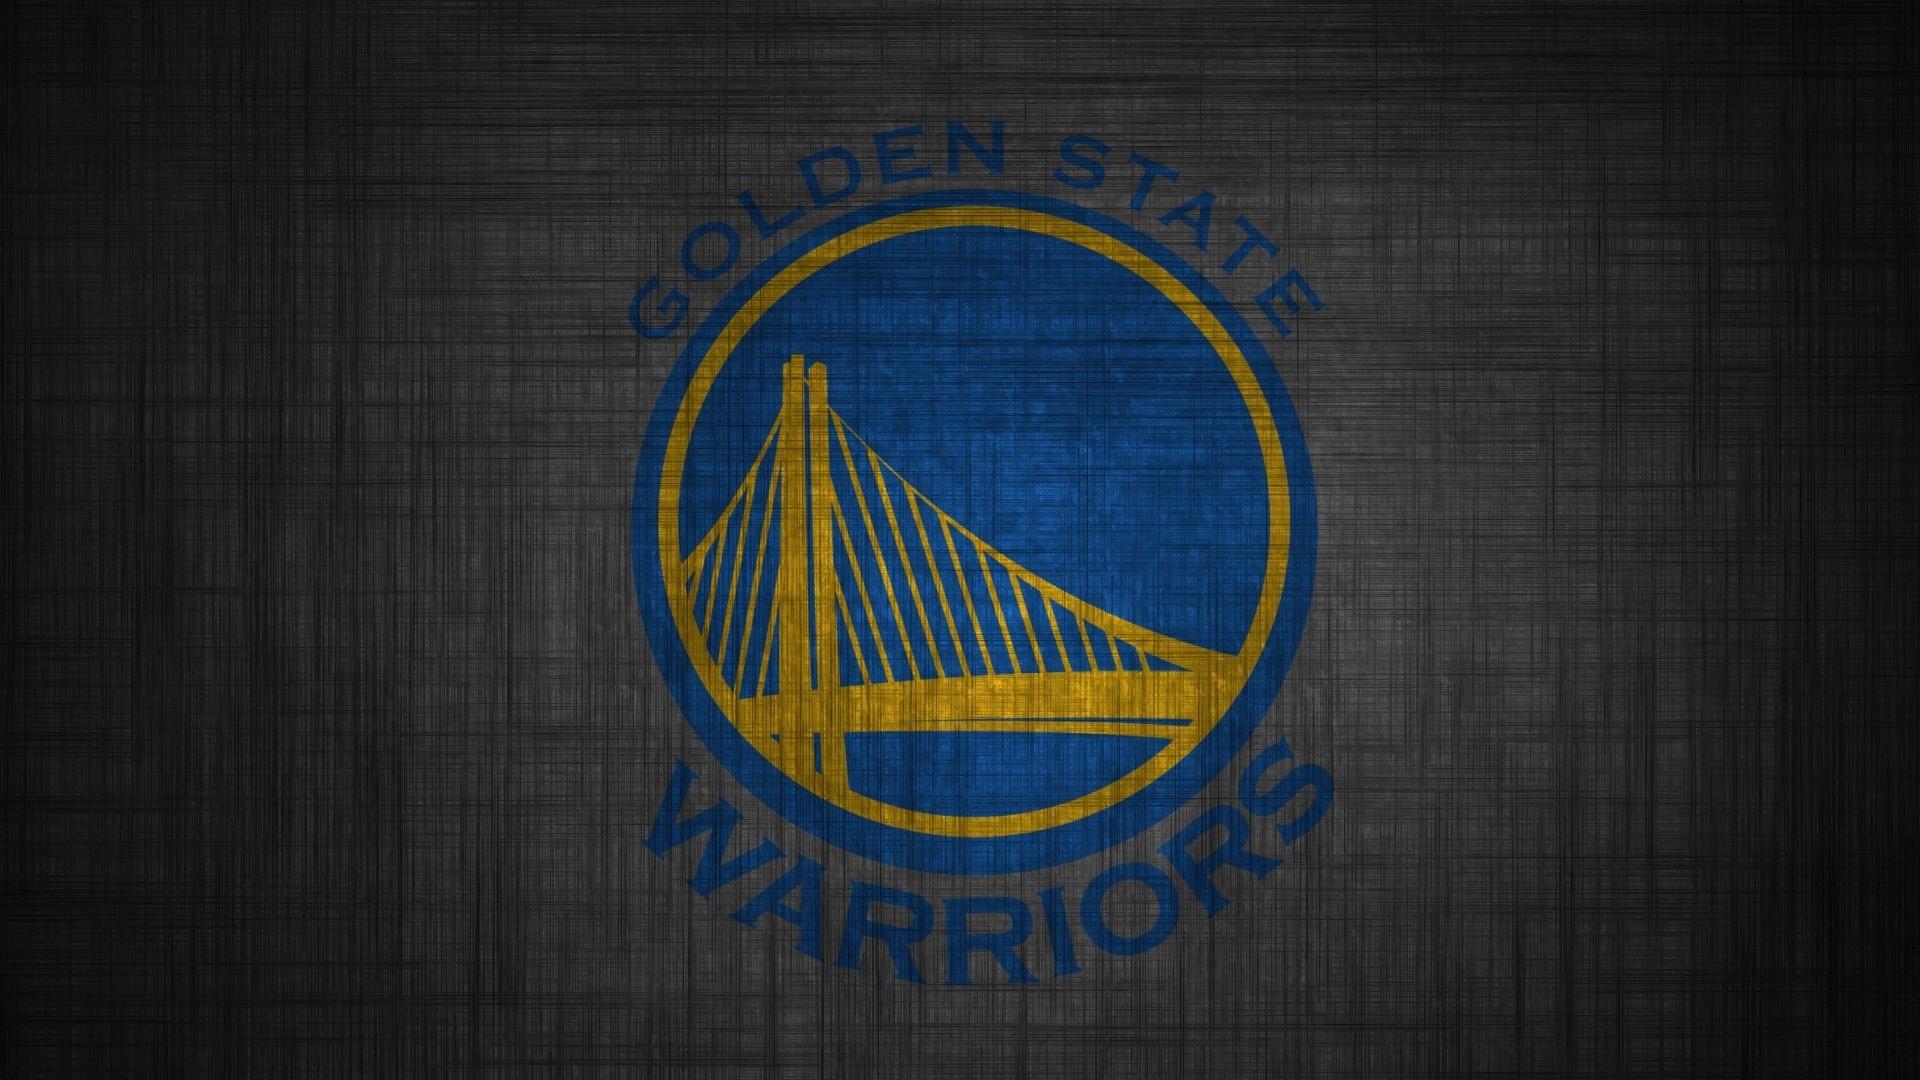 golden state warriors logo wallpaper   wallpaper hd 1080p